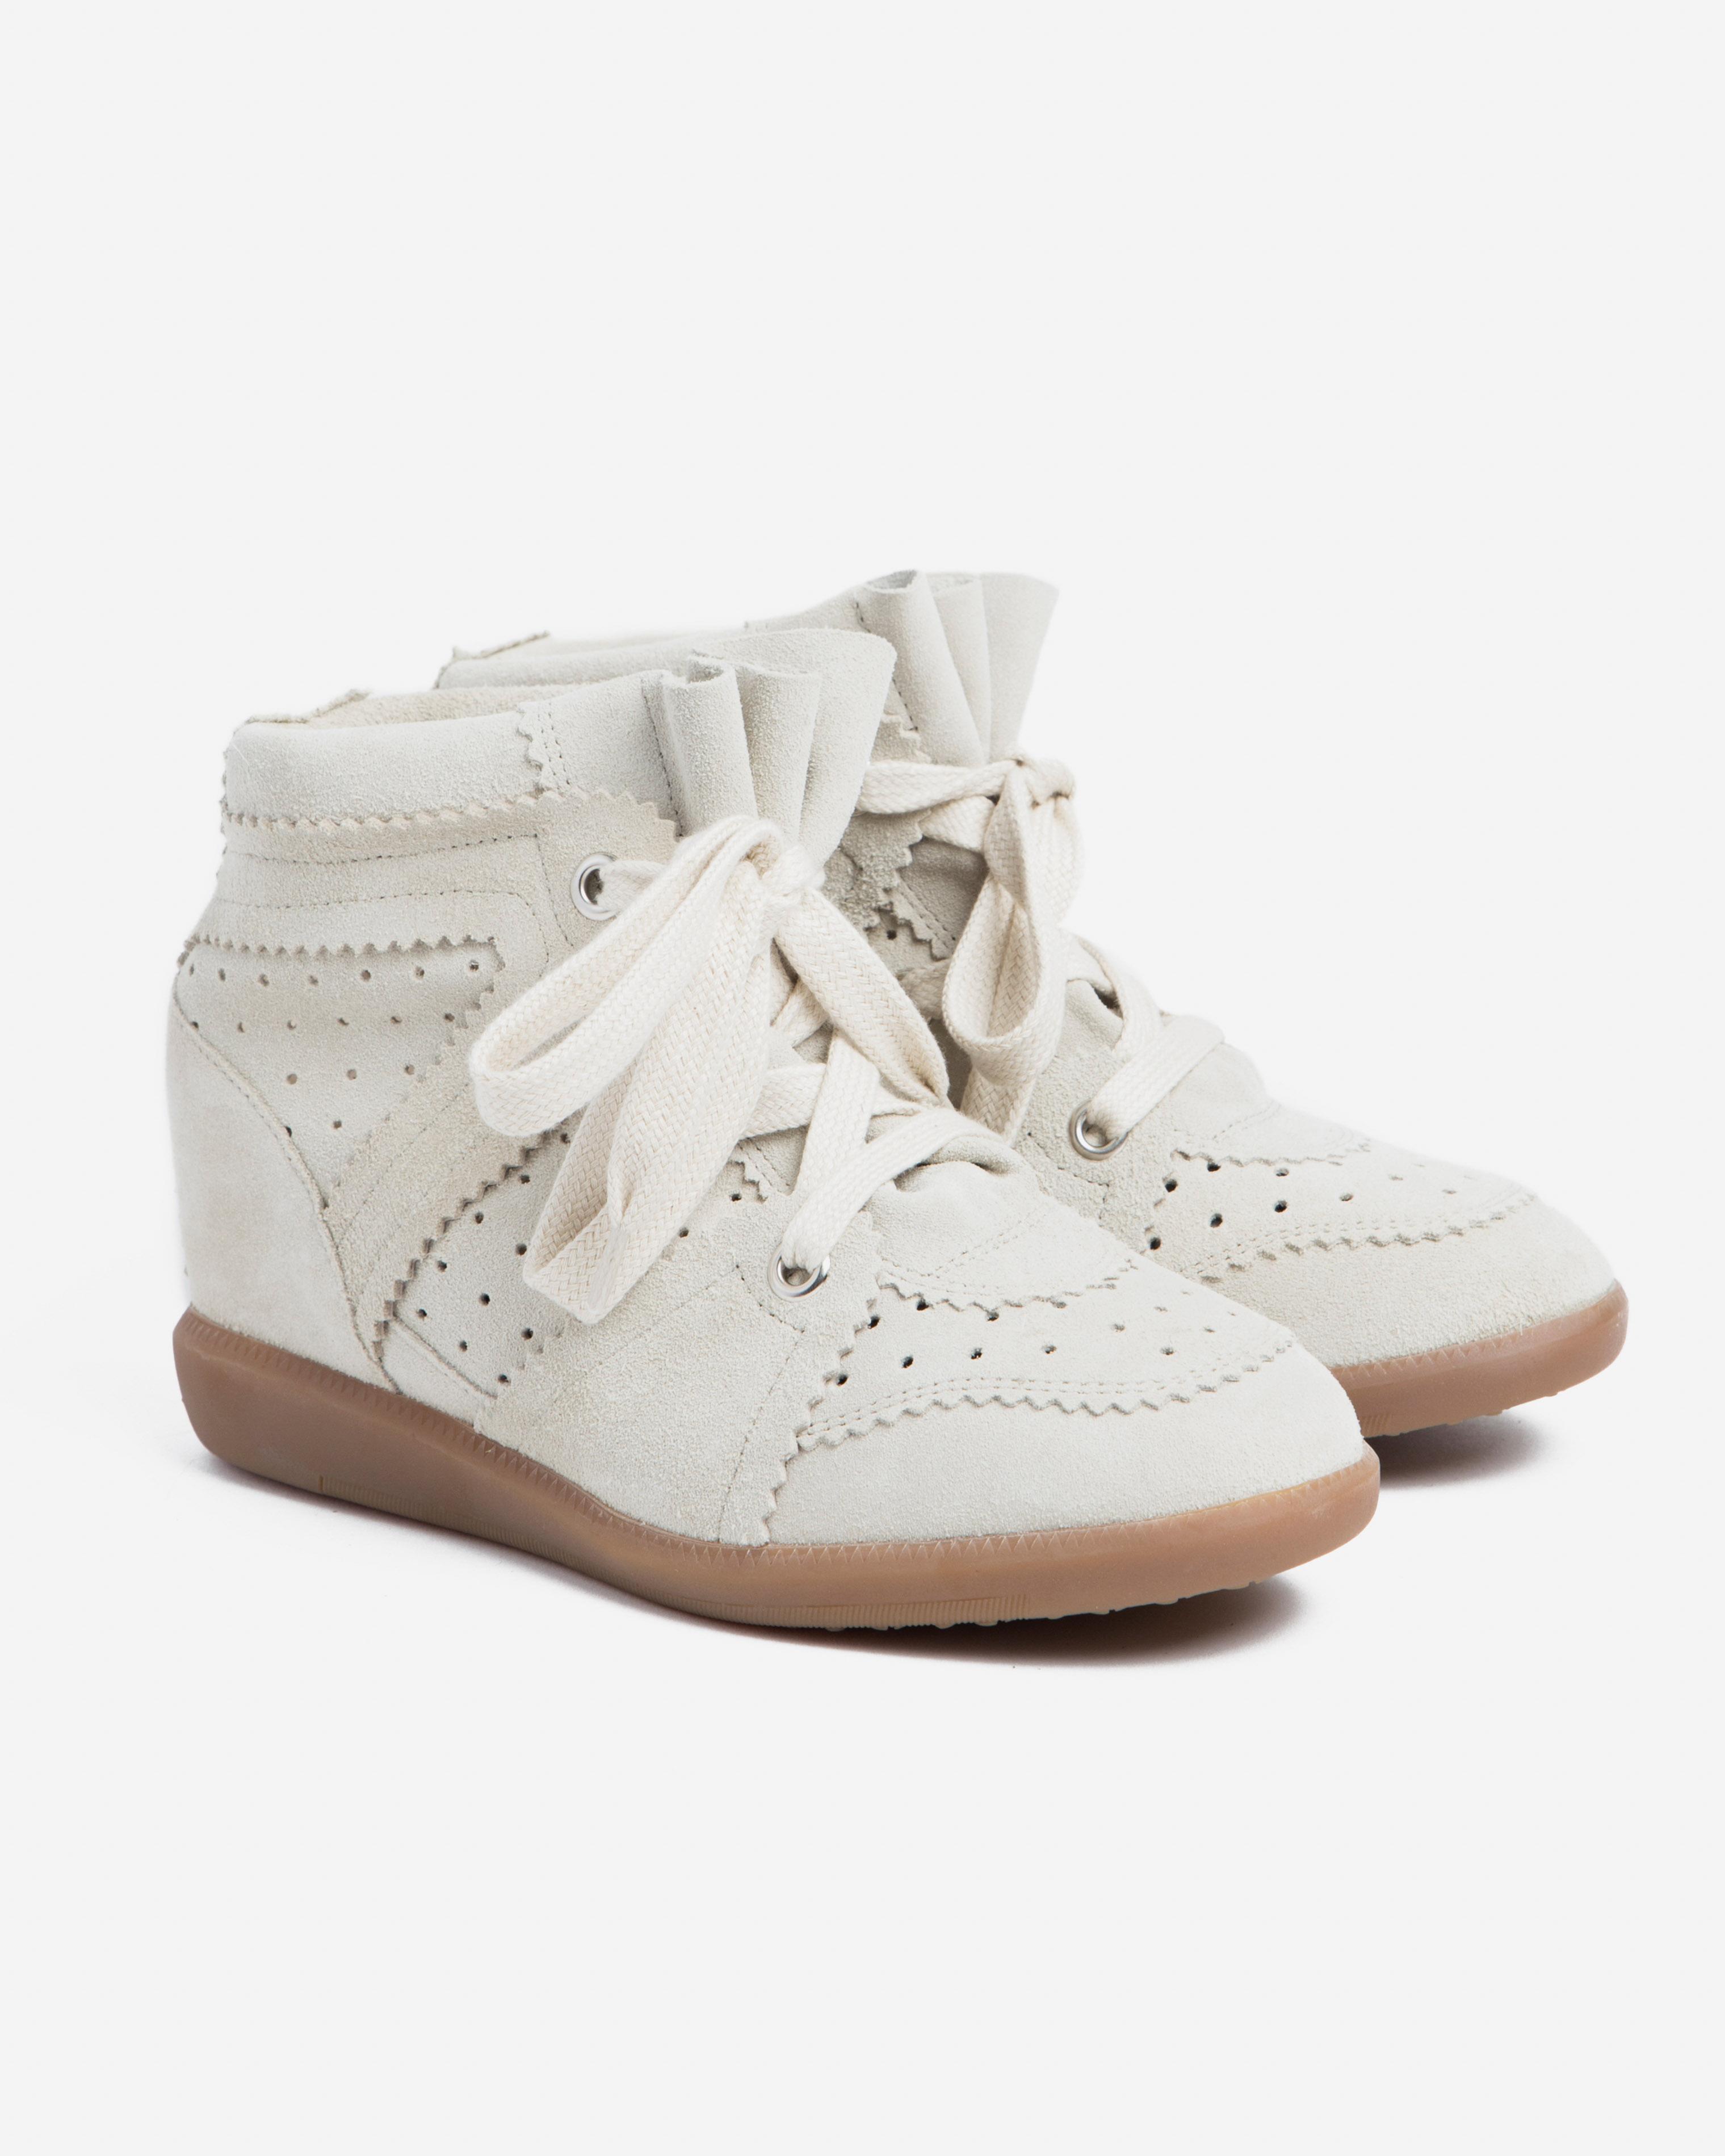 Isabel Marant Etoile 5 - Bobby Sneaker - Chalk